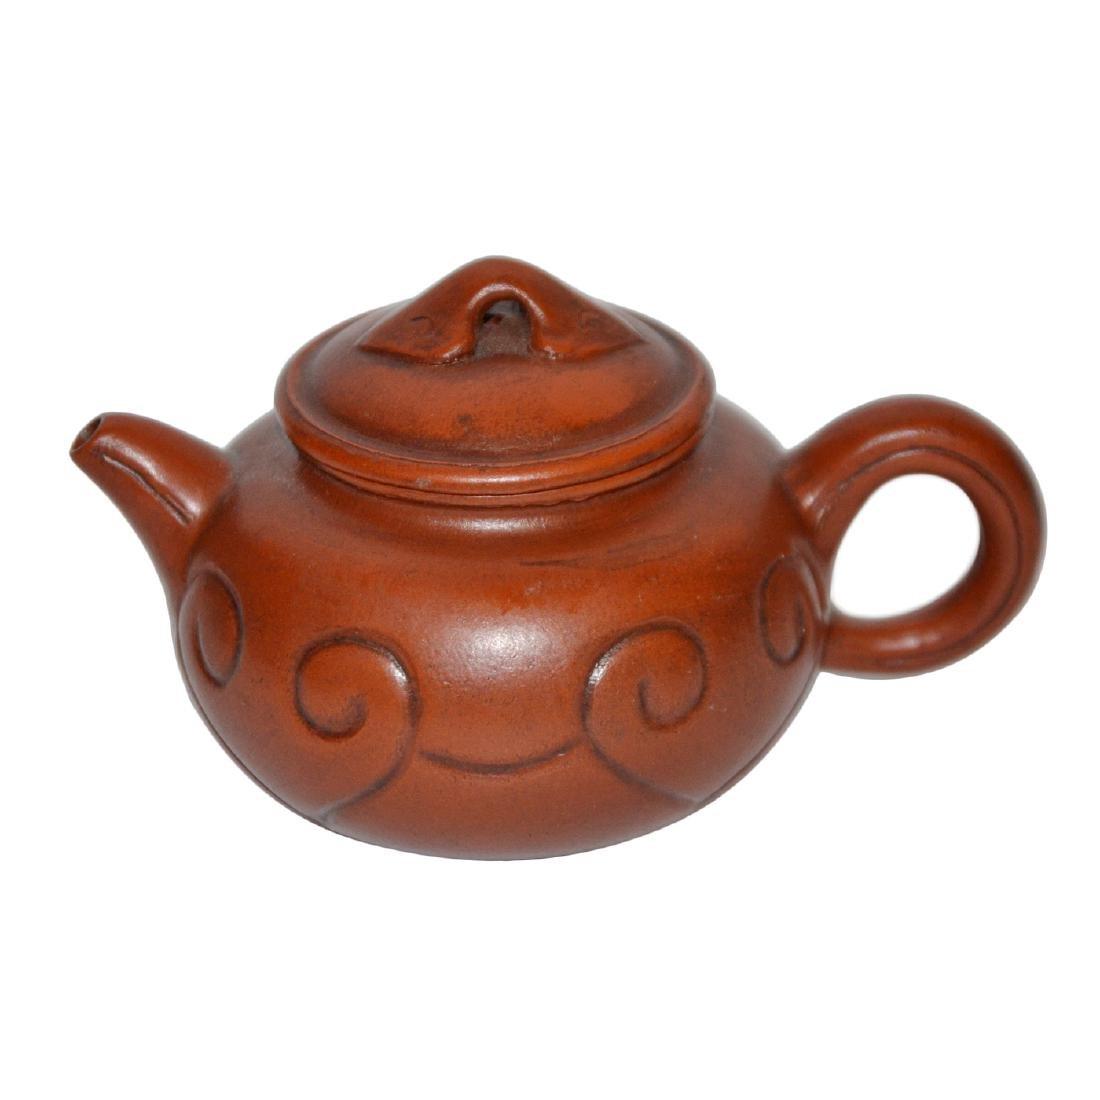 Ming, Hui Meng Chen, A Miniature Ruyi Zisha Teapot